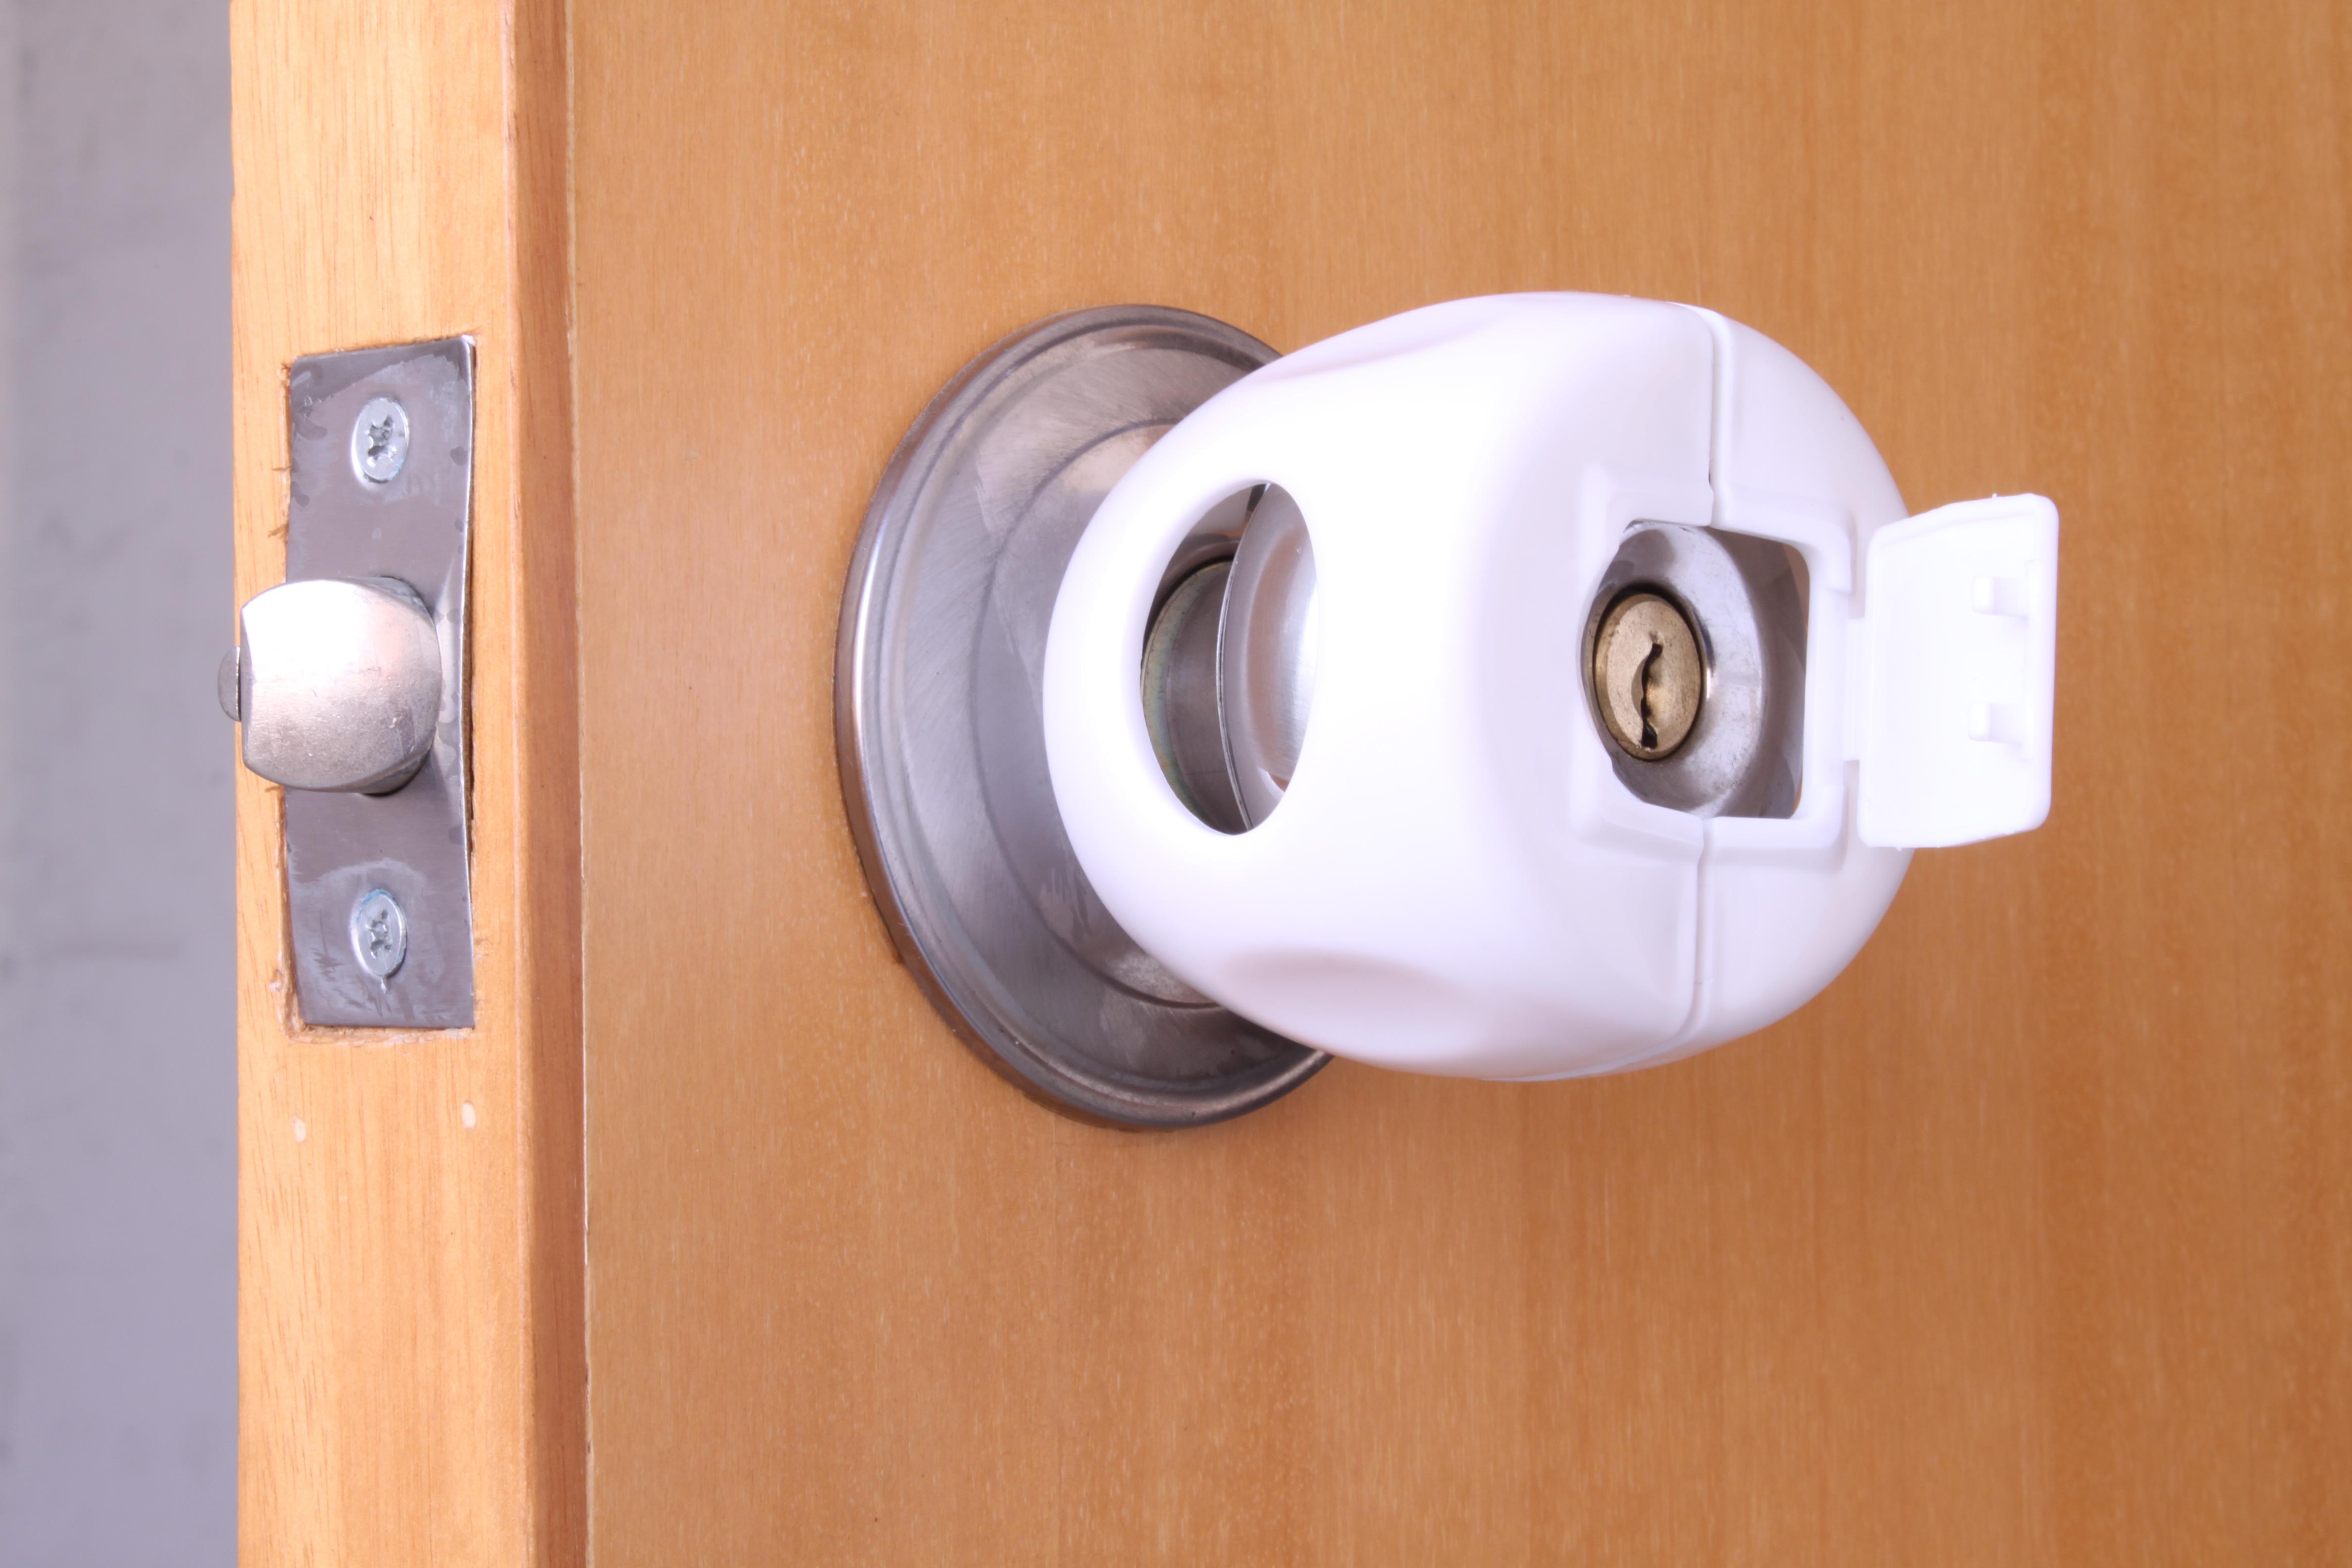 child safety door knob photo - 13